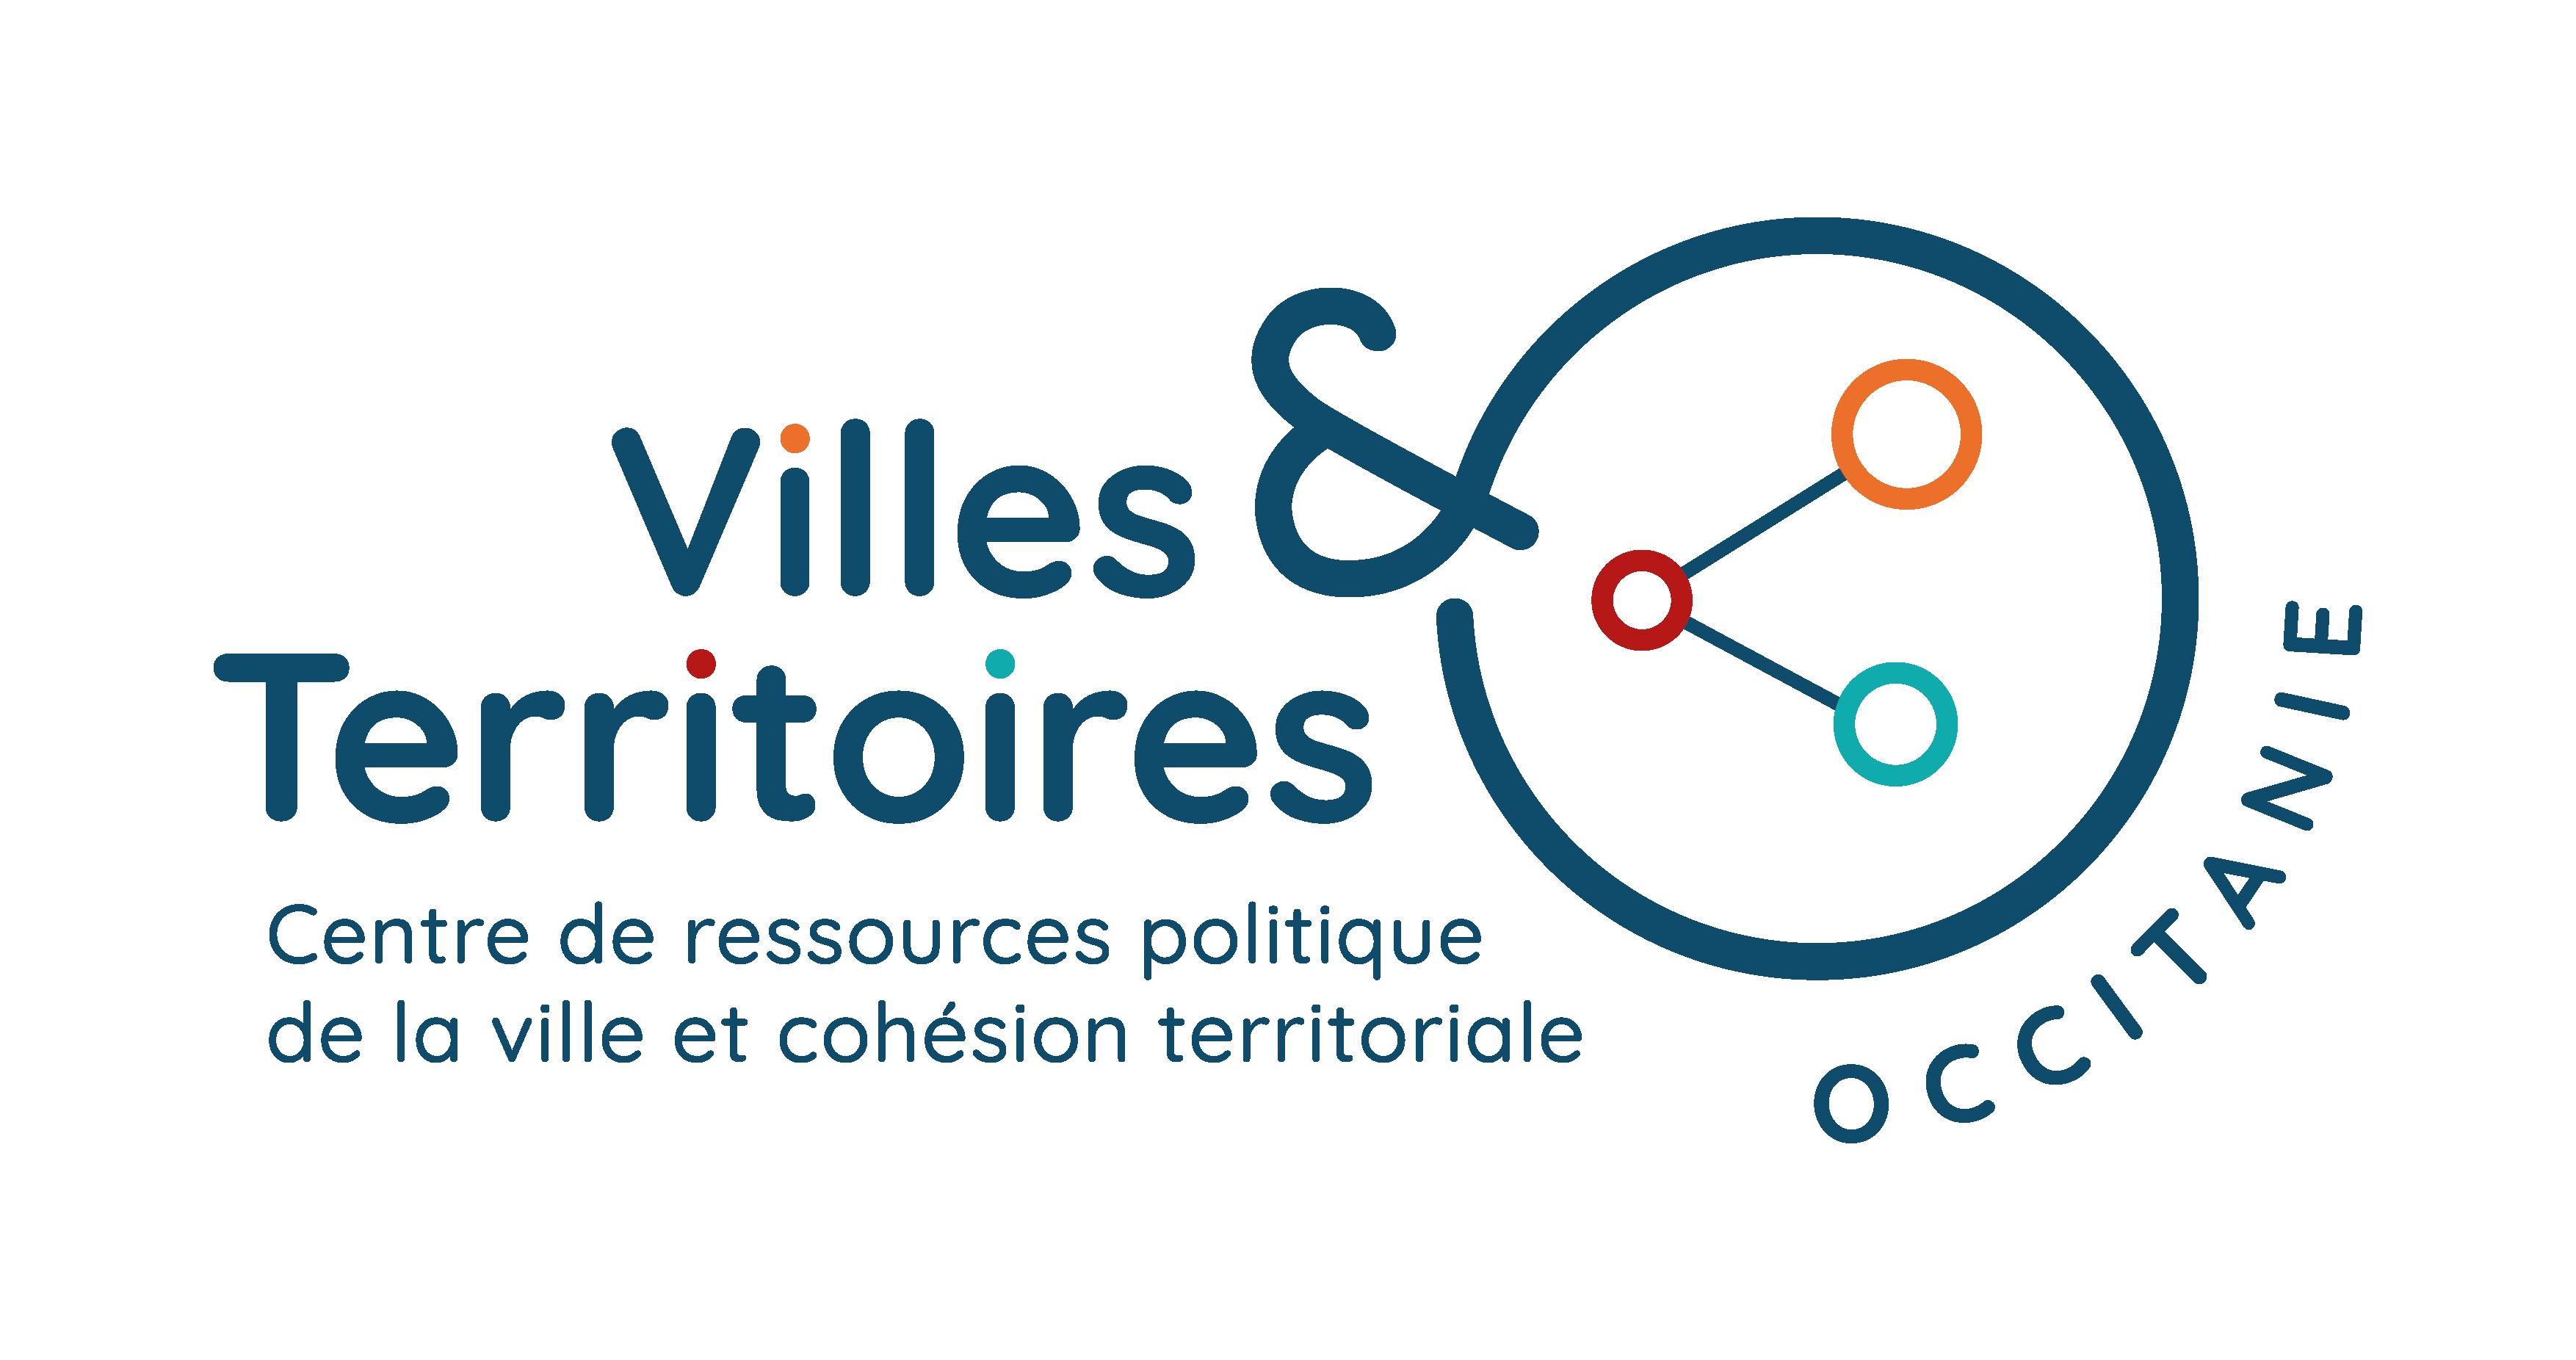 Villes et Territoires Occitanie